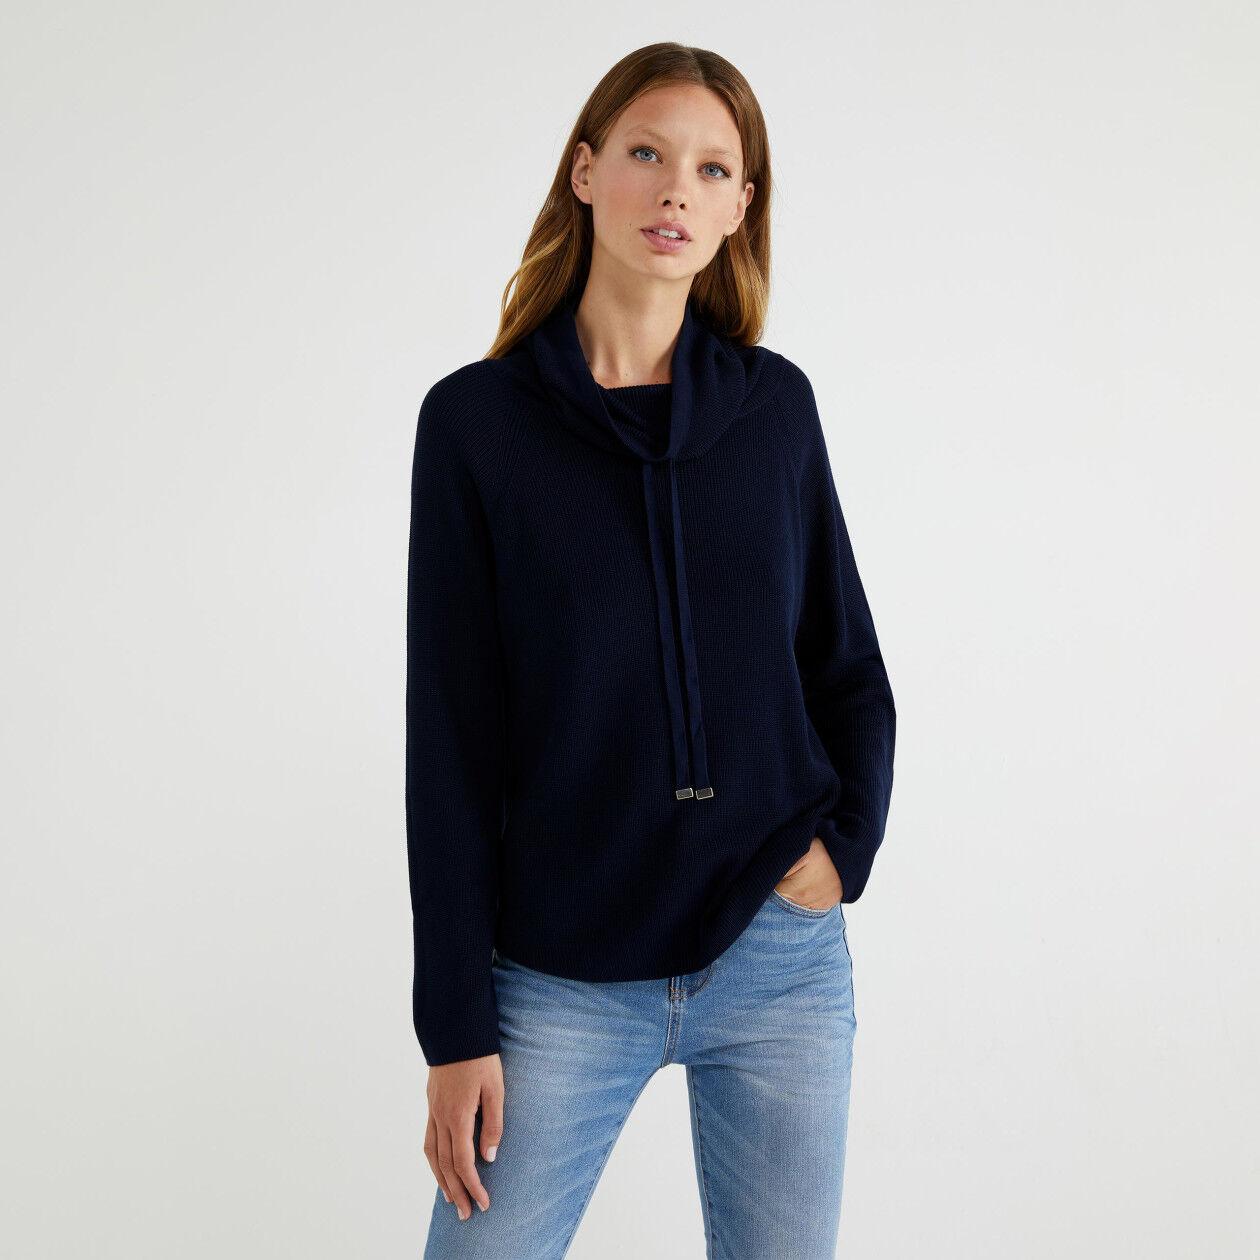 Pullover mit hohem Kragen und Tunnelzug